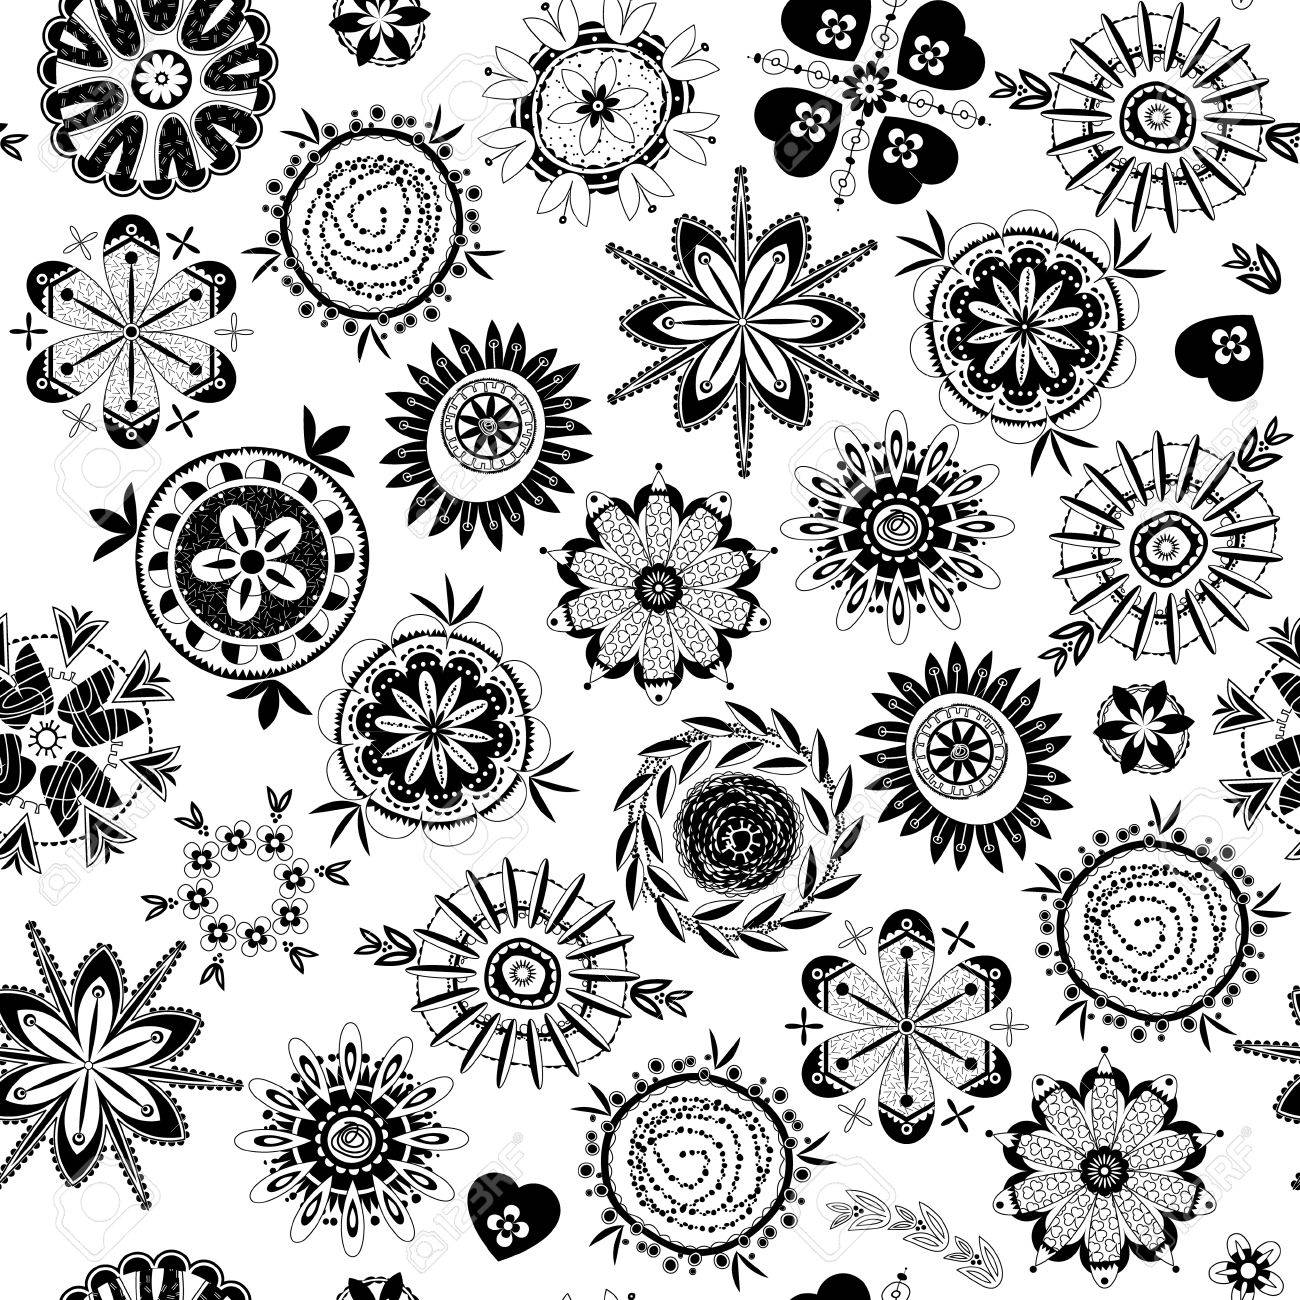 d4e4f1222c Archivio Fotografico - In bianco e nero fantasia fiori decorativi. Motivo  di sfondo senza soluzione di continuità. illustrazione di vettore